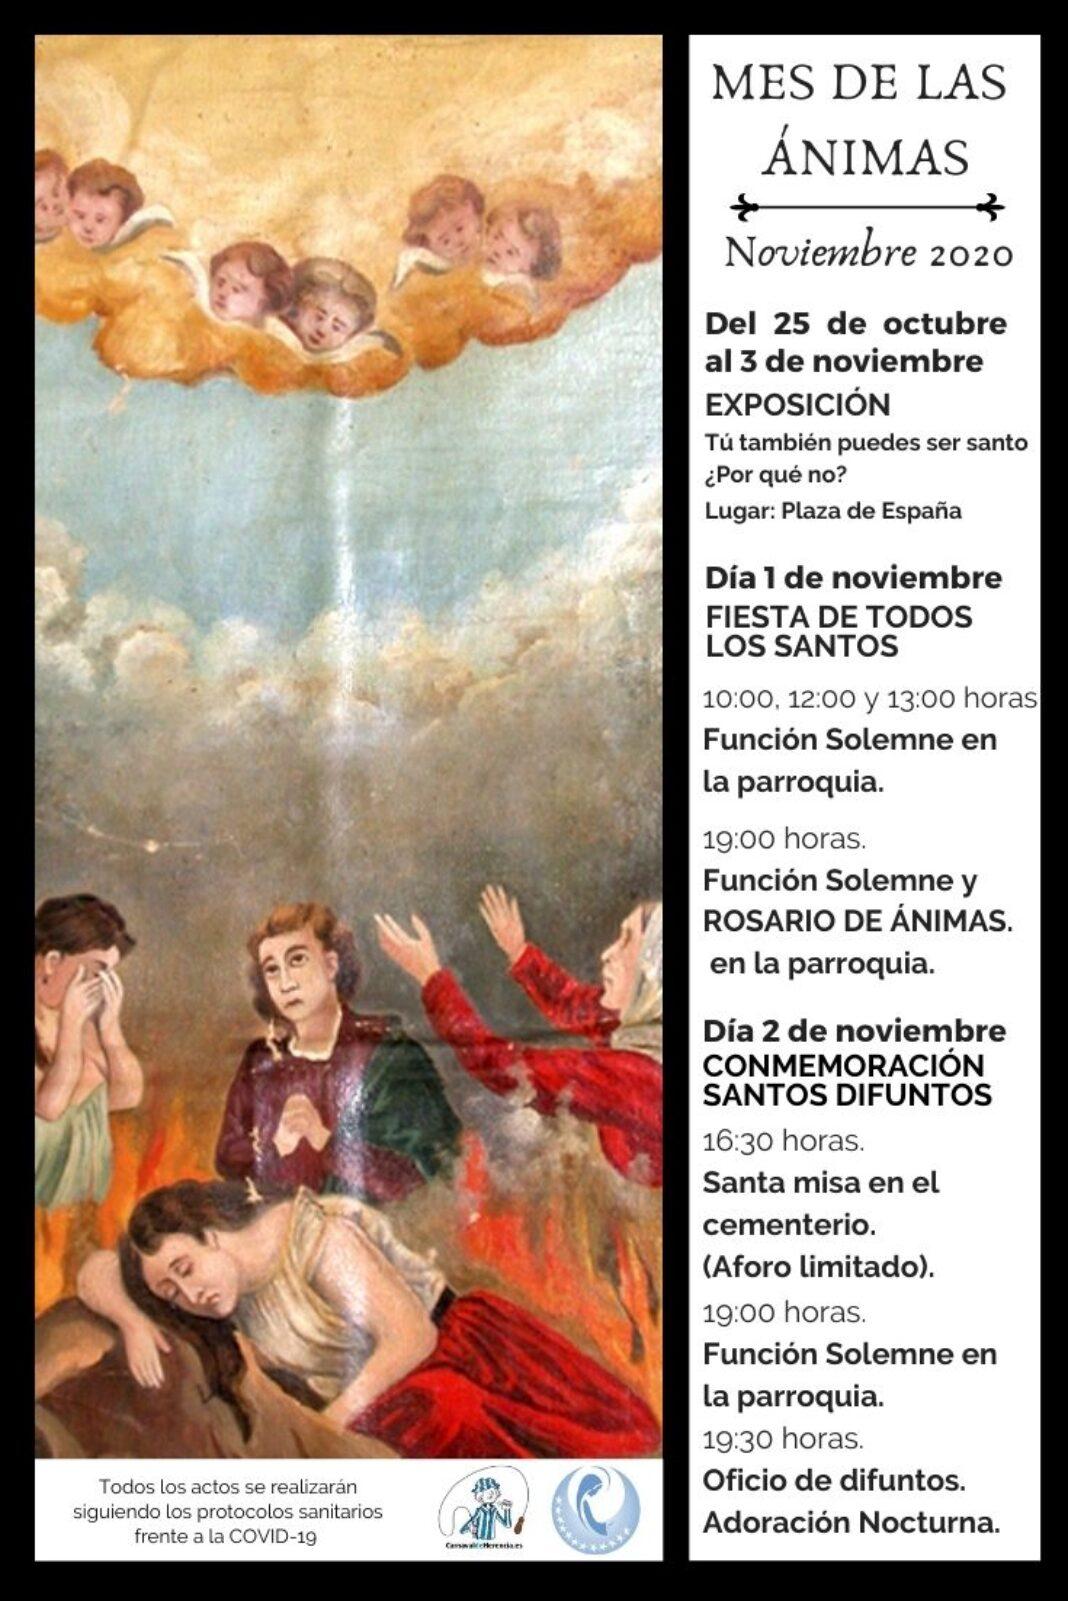 Celebración del Rosario de Ánimas y otras actividades del mes de las ánimas en Herencia 10